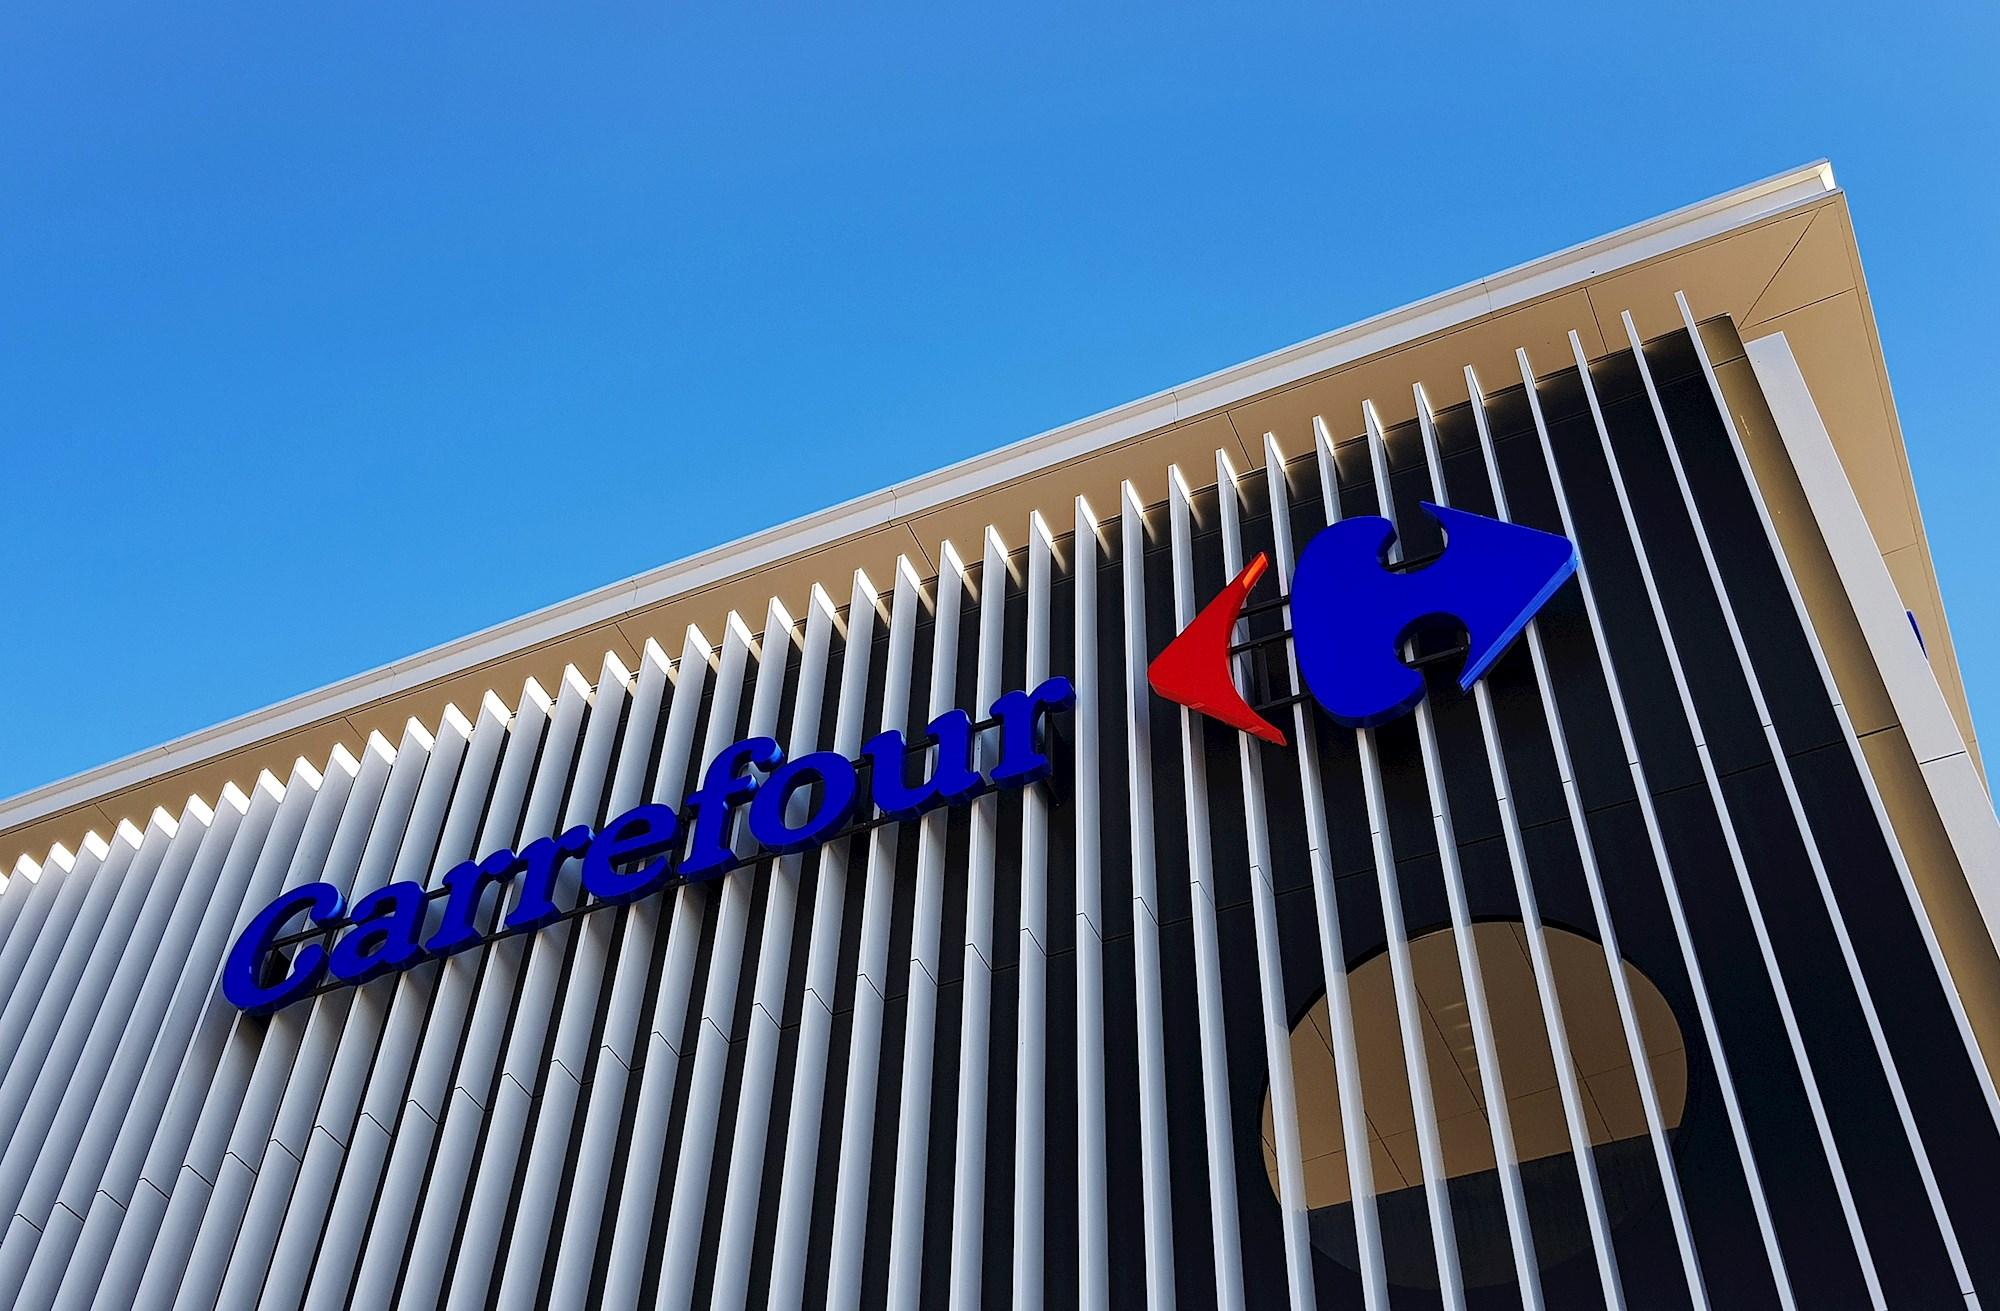 Un establecimiento de Carrefour, que comercializa los neumáticos Doublestar EFE